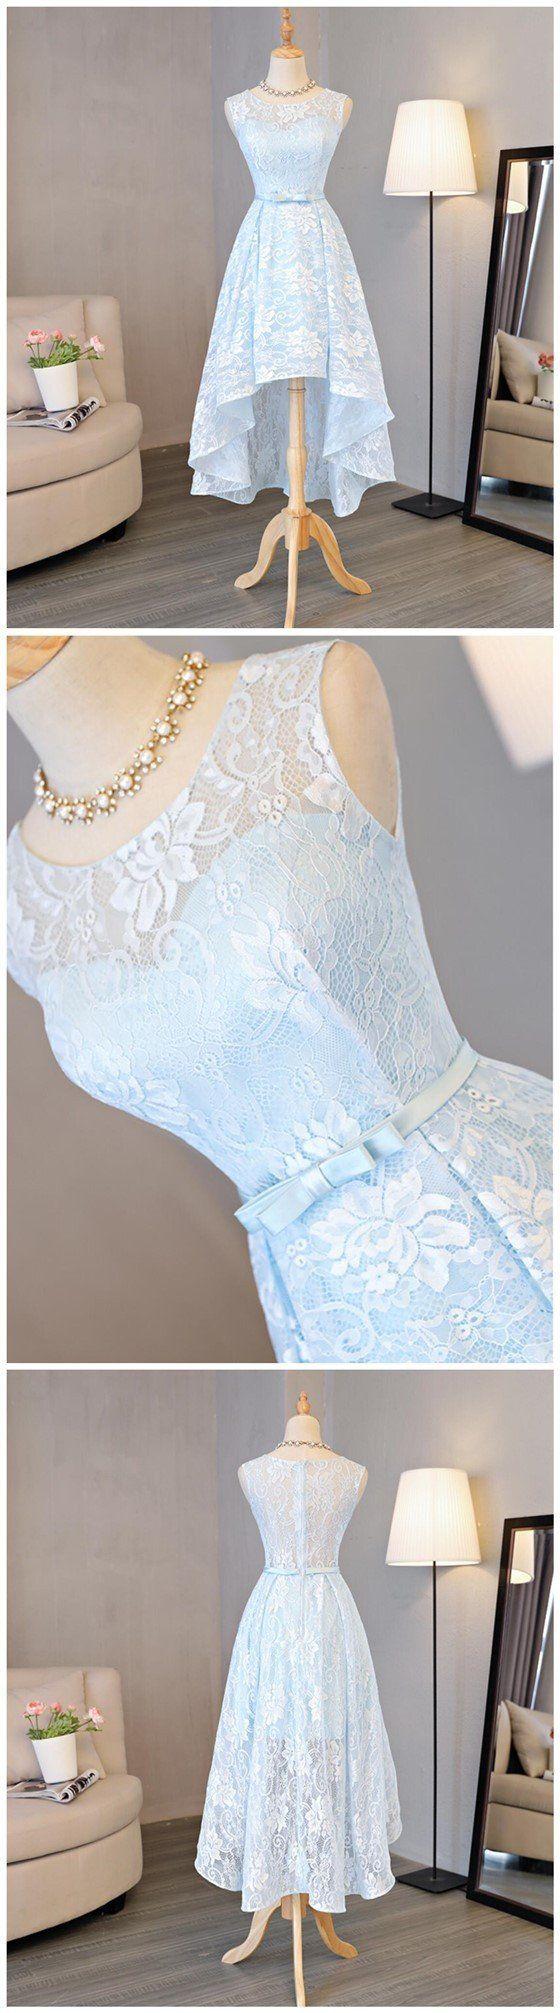 Blaue Spitze High Low Homecoming Prom Kleider, Günstige Party Prom Sweet 16 Kleider, CM327